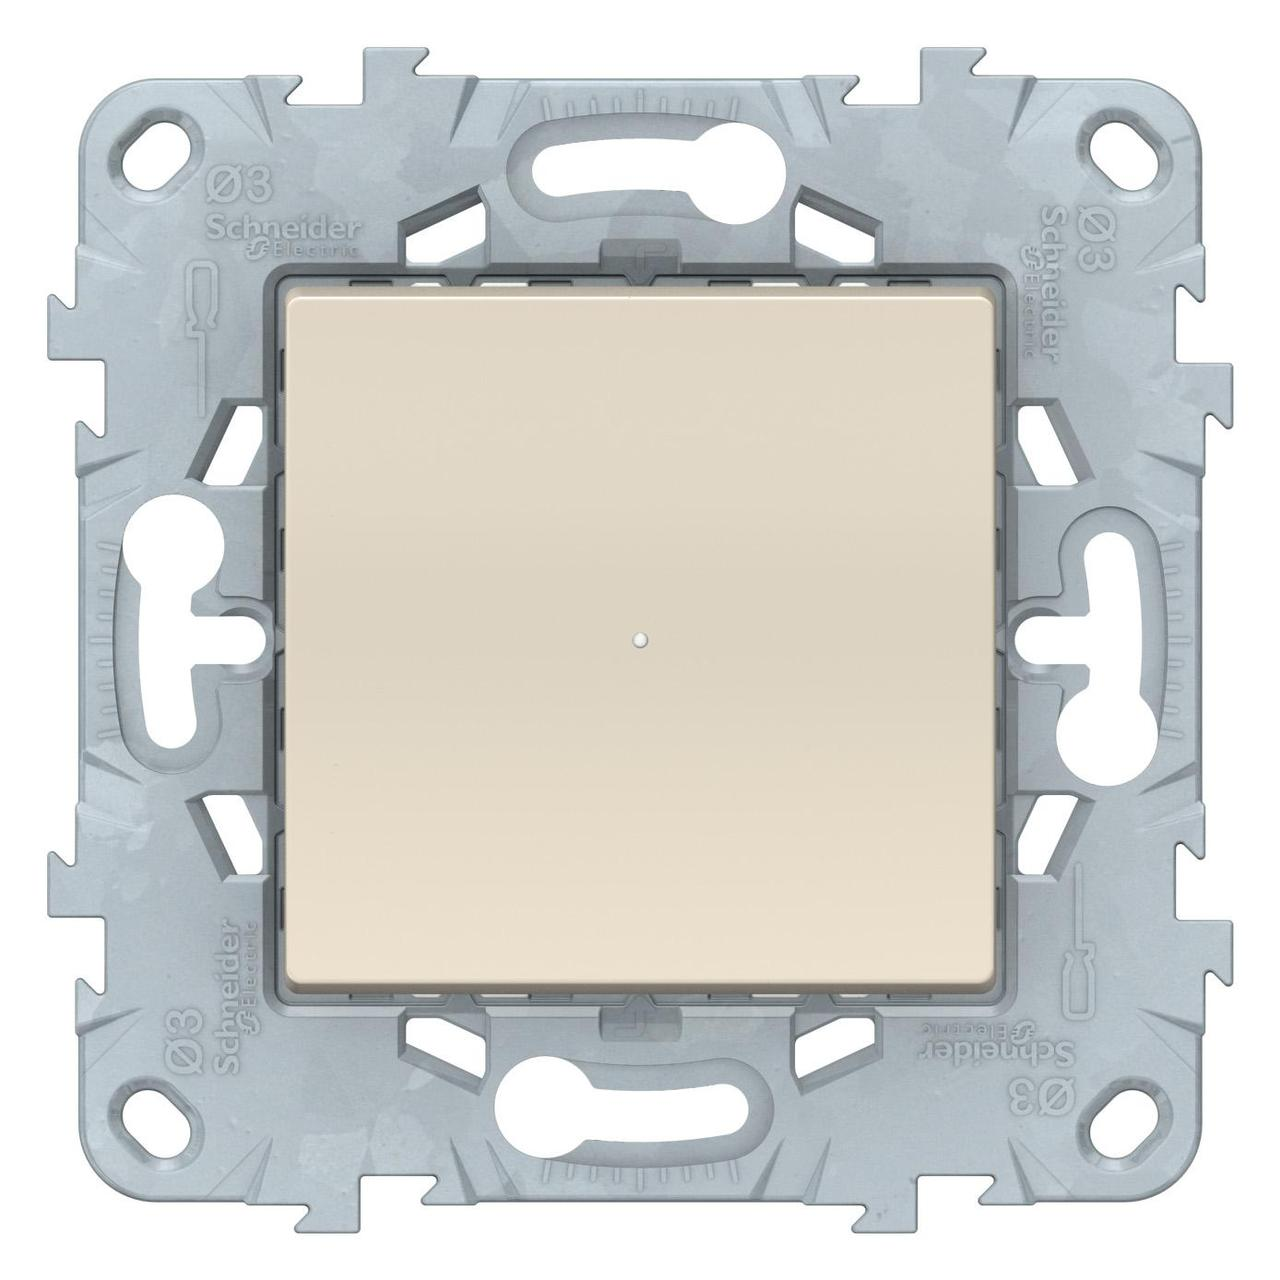 Диммер нажимной (кнопочный) 300Вт универсальный , Бежевый, серия Unica New, Schneider Electric